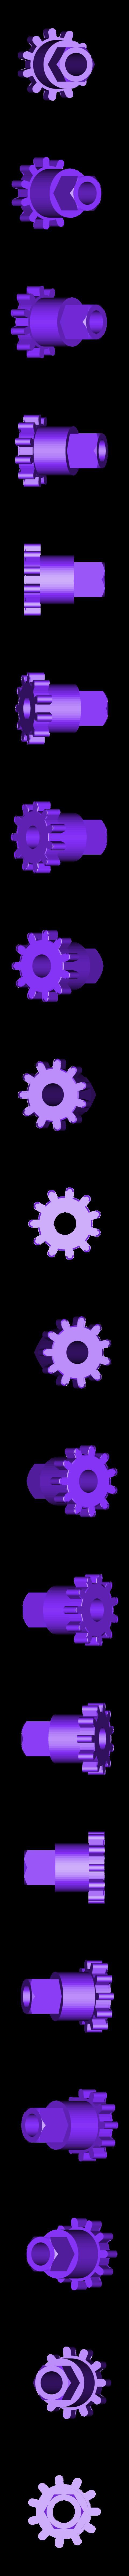 GripFan_Wheel_4A.stl Télécharger fichier STL gratuit Cool Squeeze - Ventilateur de préhension • Plan imprimable en 3D, Zippityboomba